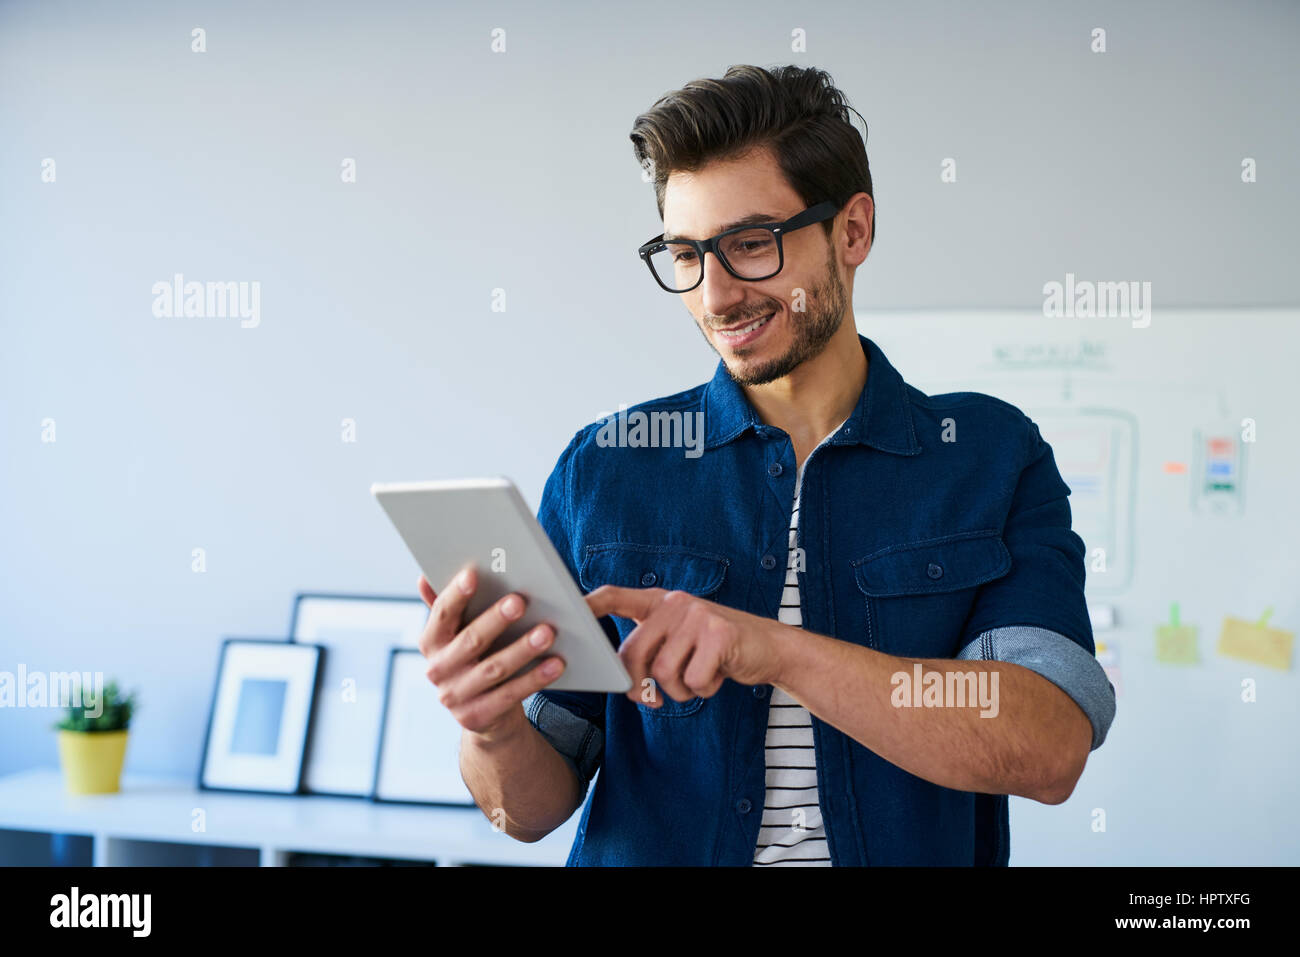 Professionnels web designer using digital tablet travailler à partir de home office Banque D'Images